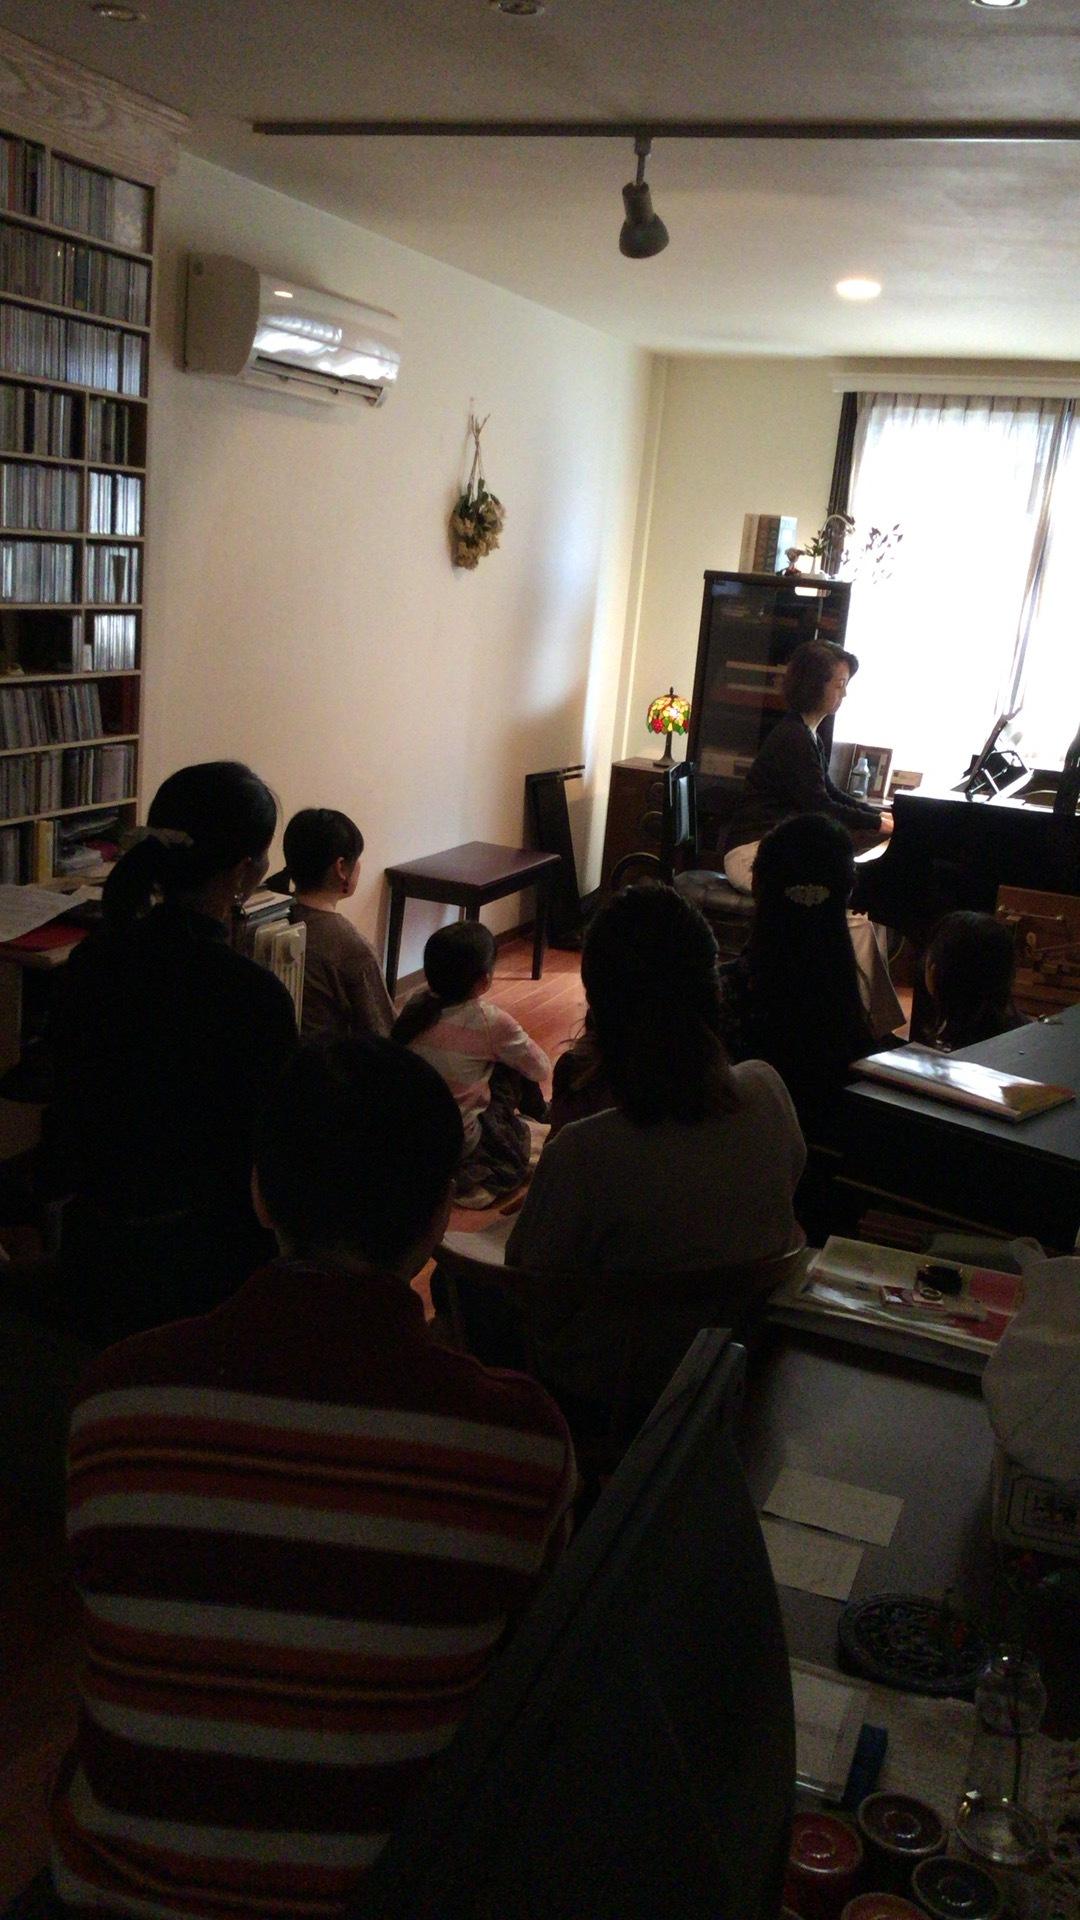 R・ピアノ教室 2018.4.26 プライベートコンサート4月_b0169513_22171747.jpeg